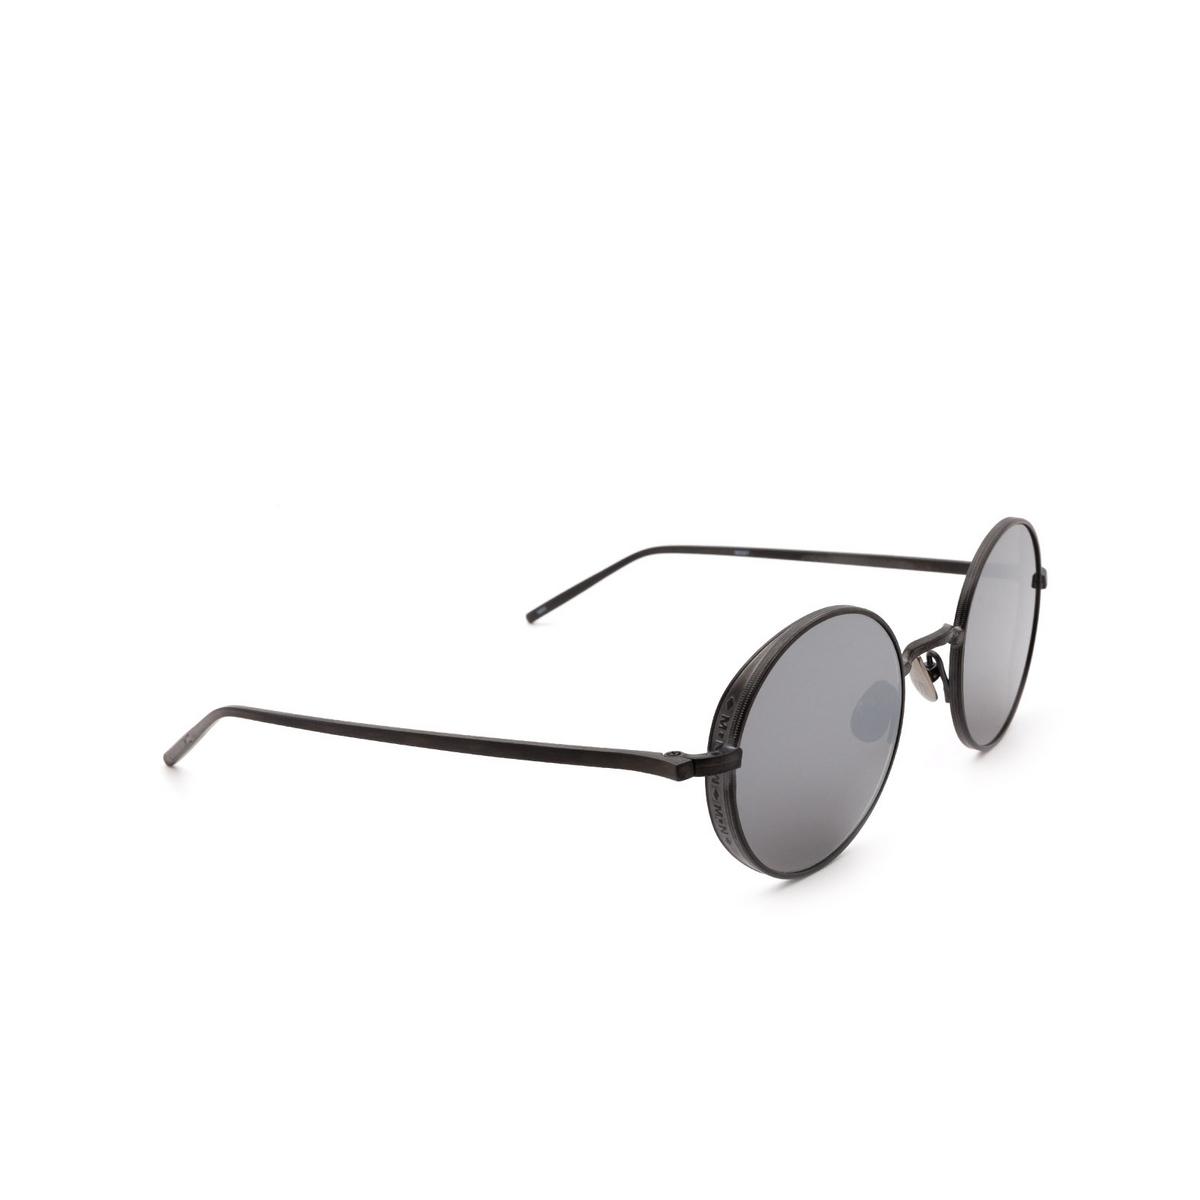 Matsuda® Round Sunglasses: M3087 color Matte Black Mbk.